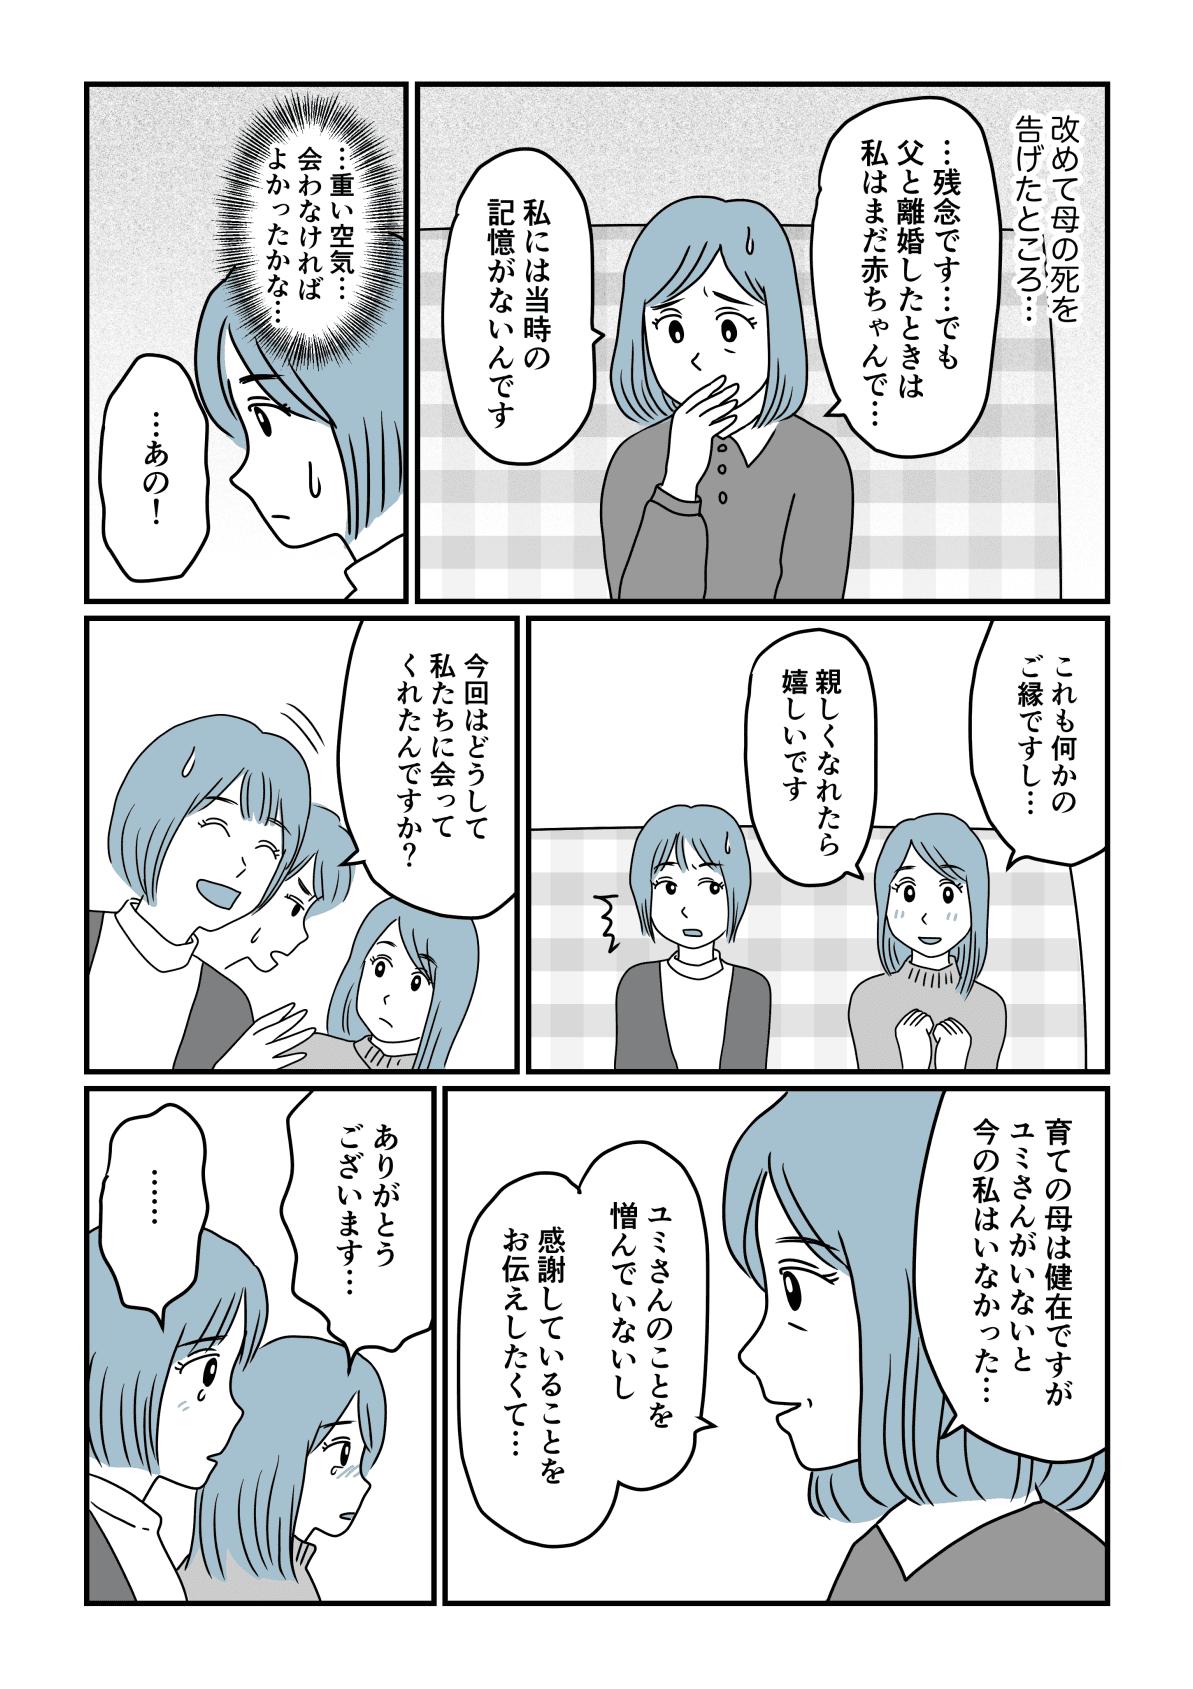 種違いの姉後編2